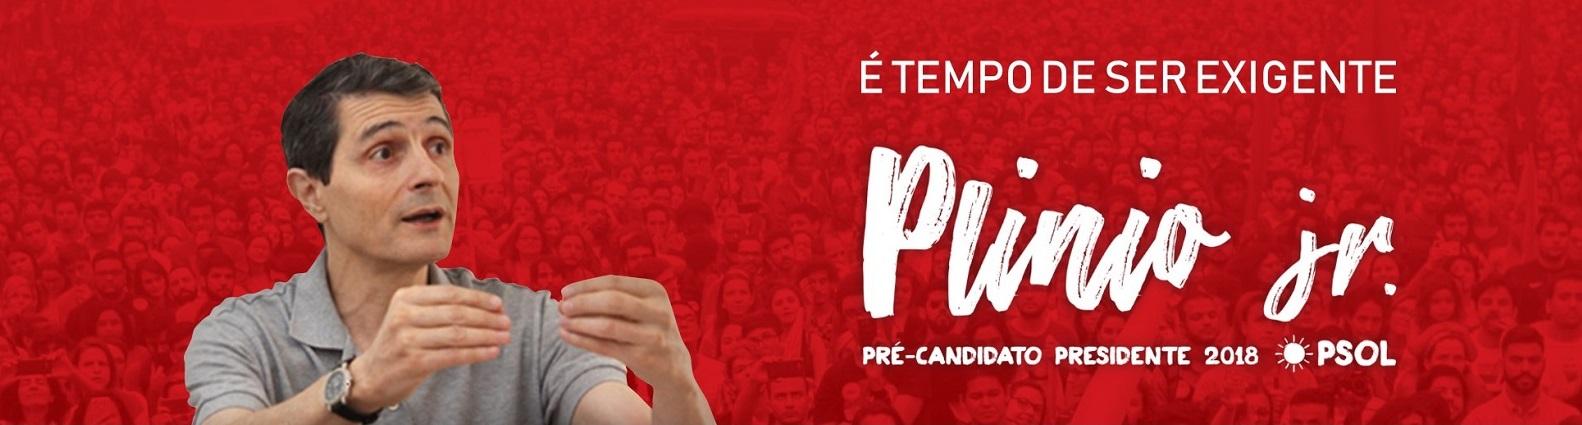 É tempo de ser exigente: Plínio Jr. presidente!